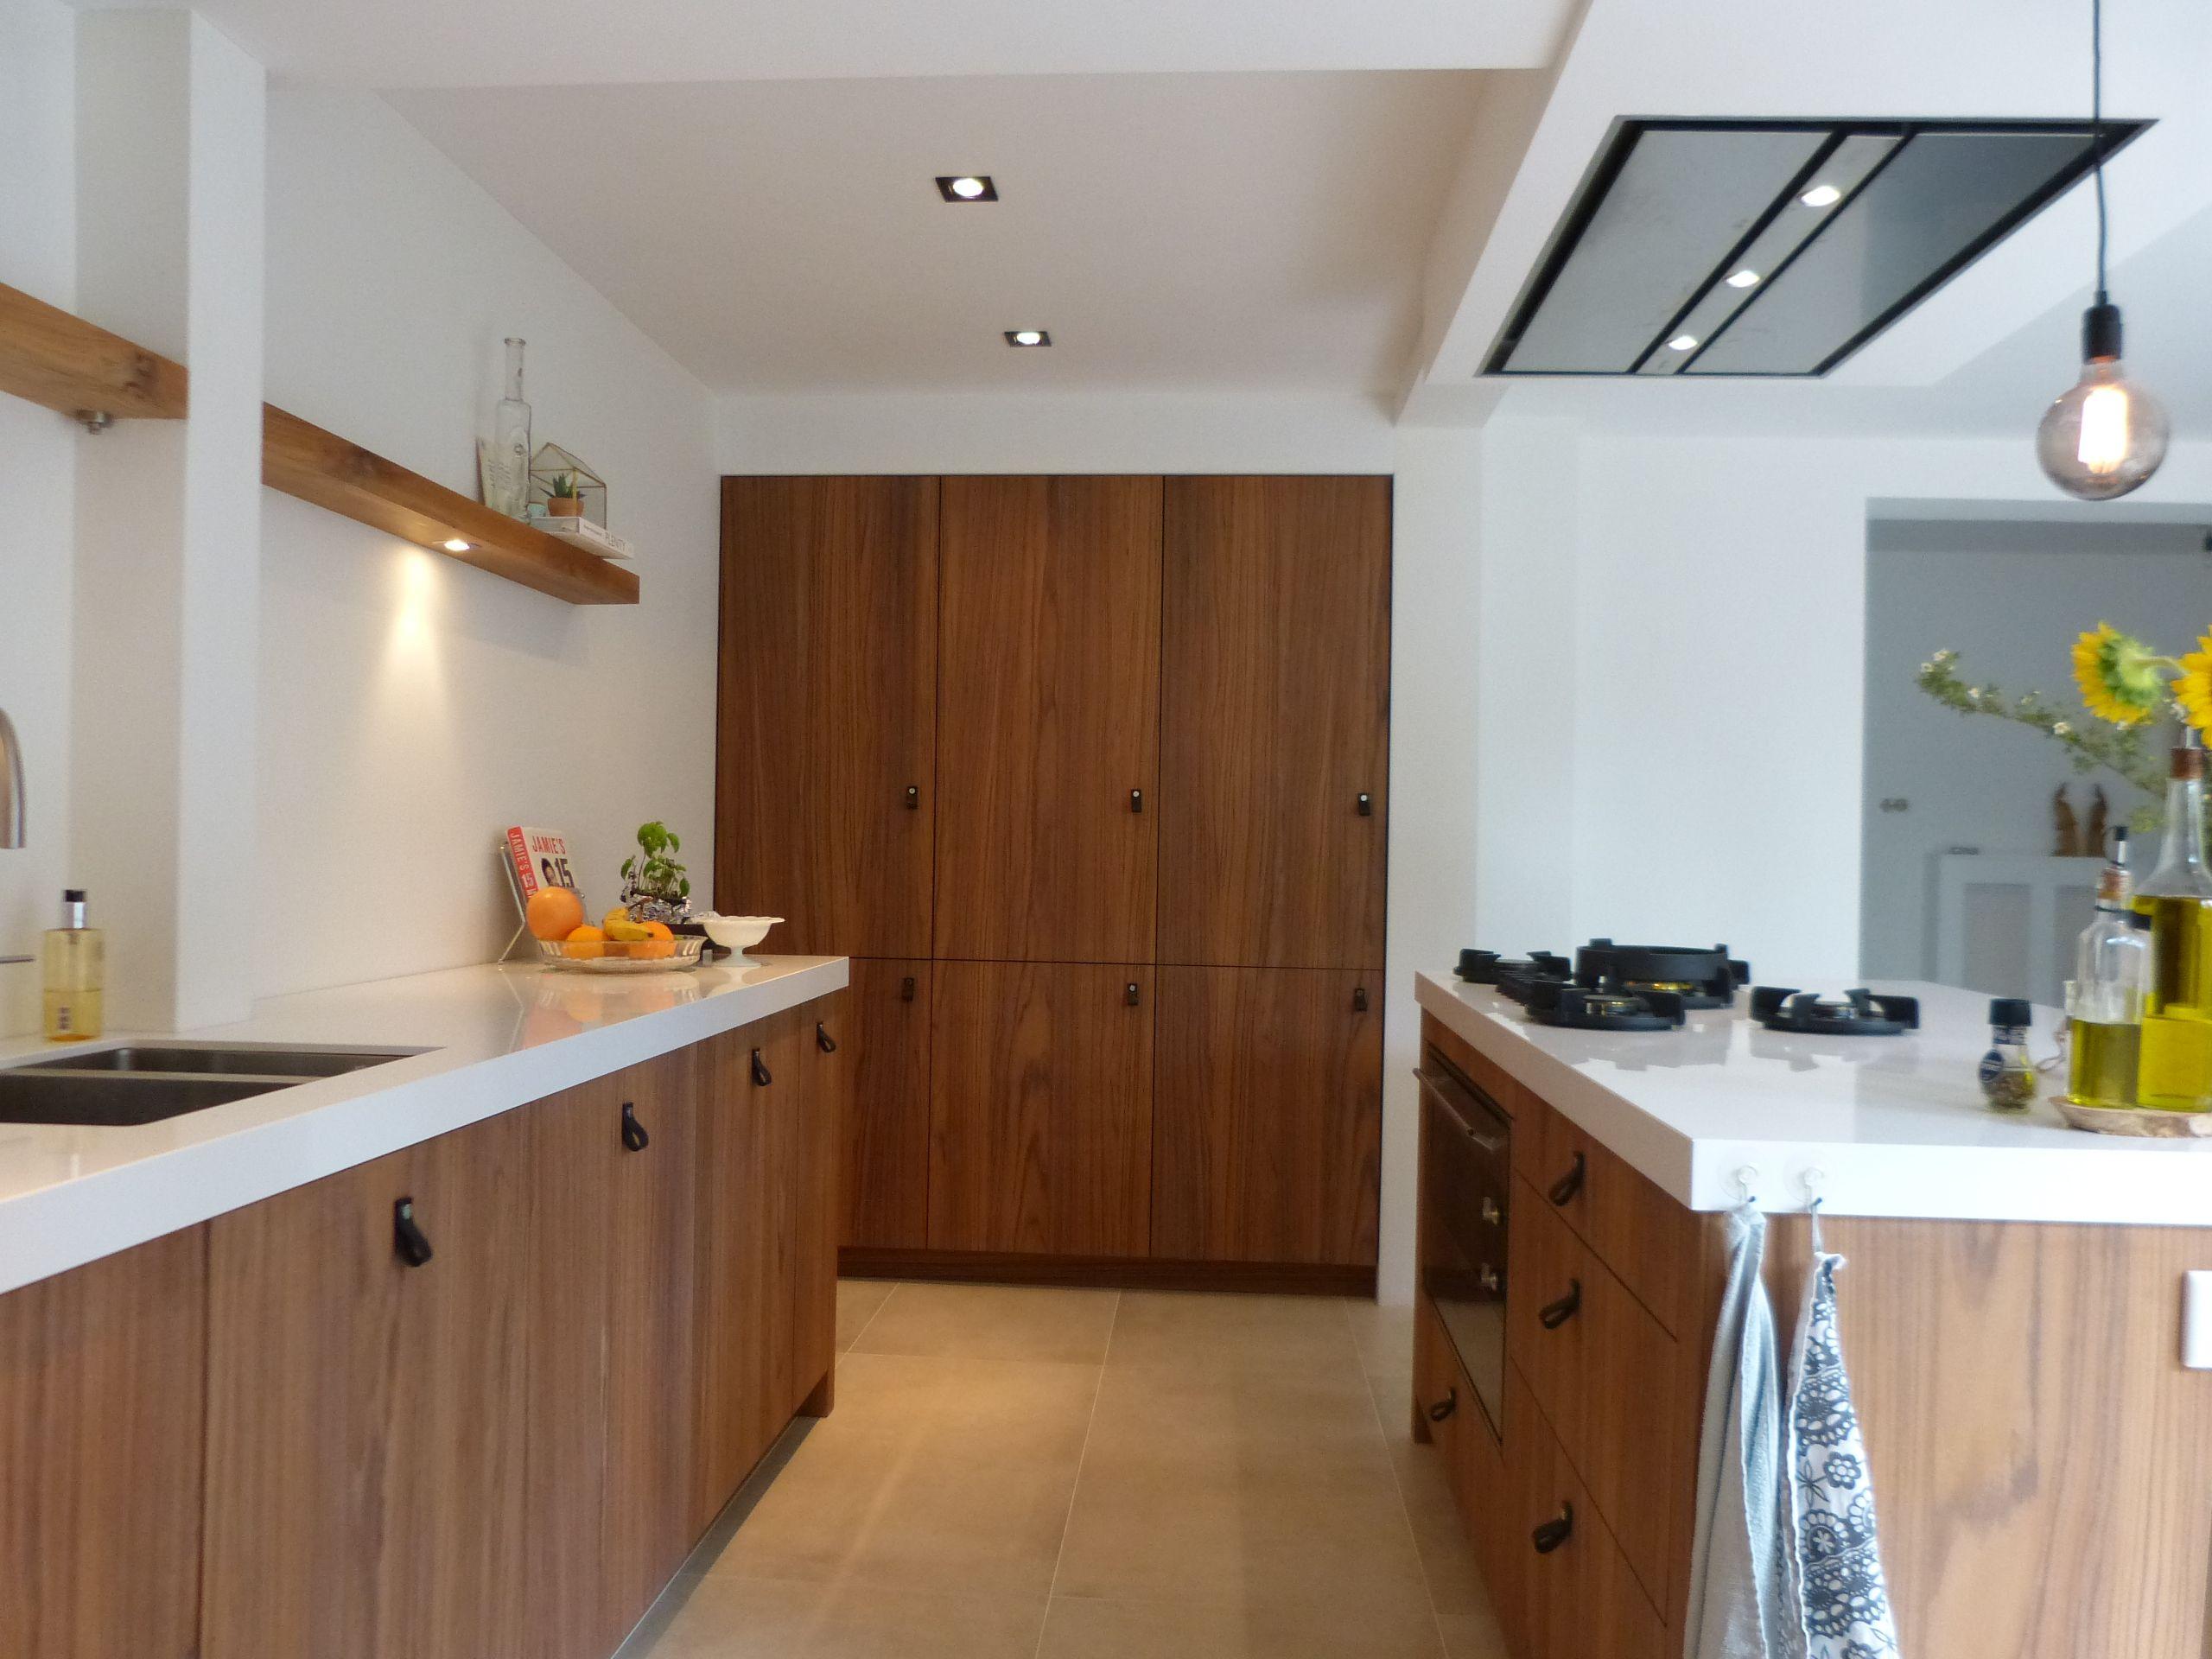 Houten maatwerk keuken teak fineer met composiet werkblad en